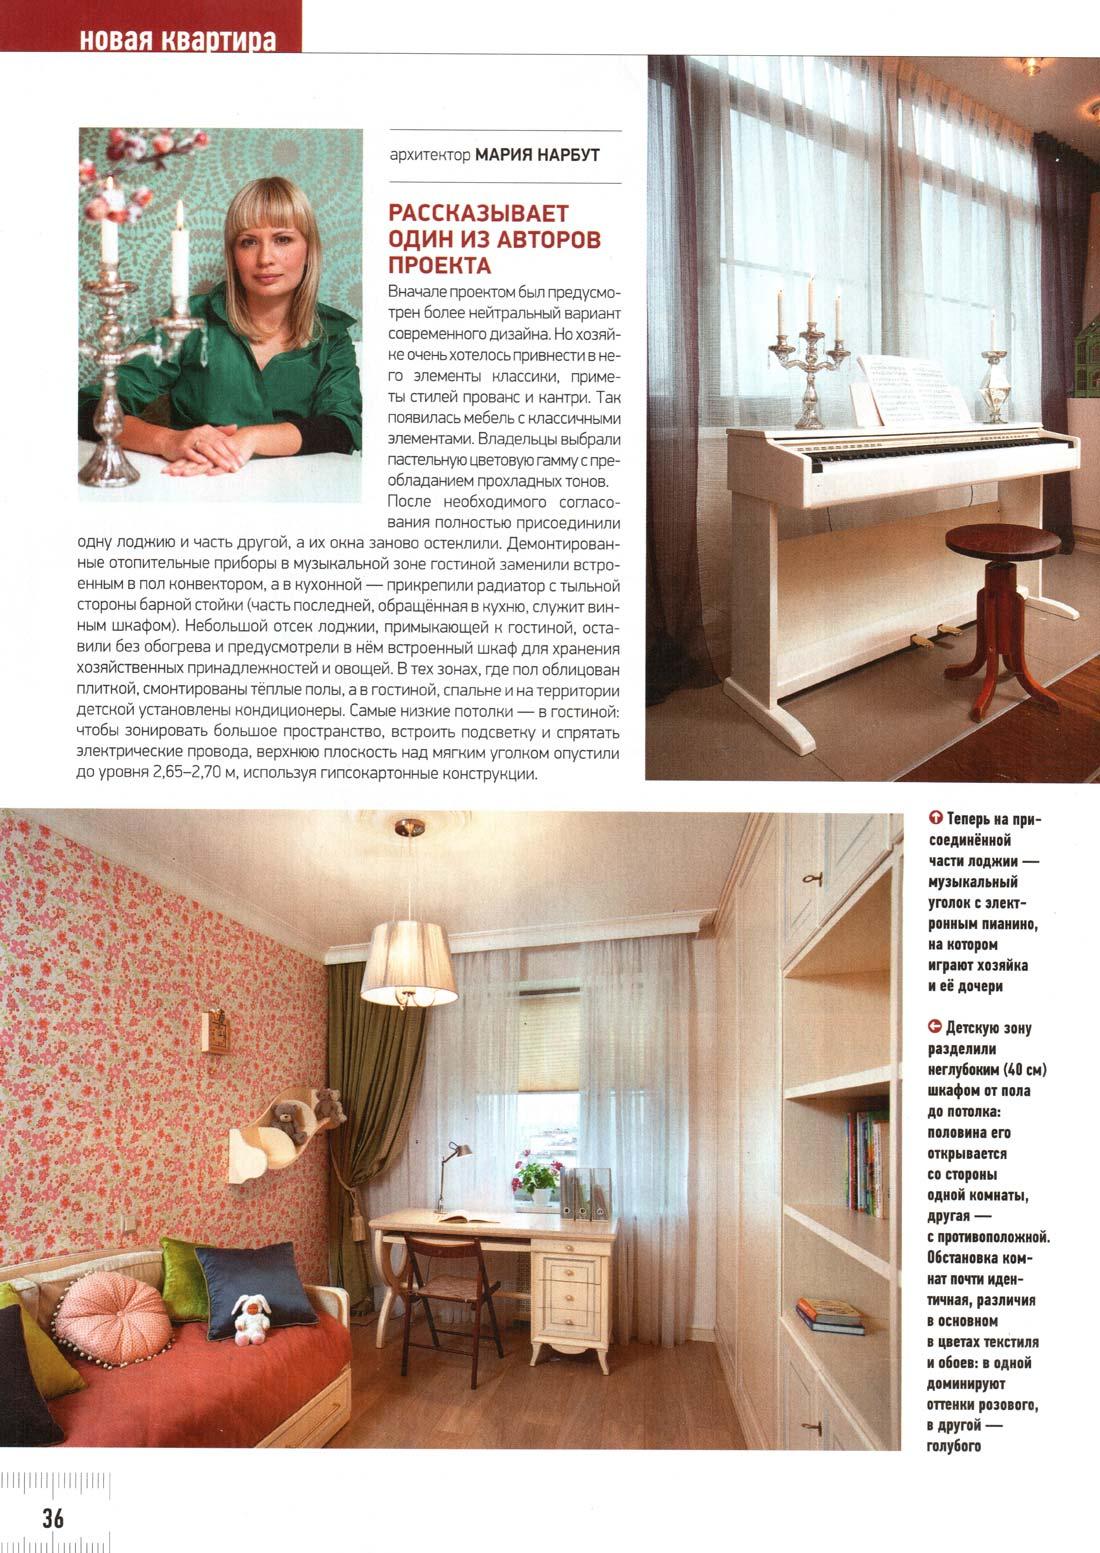 idei-vashego-doma-01-2012-07